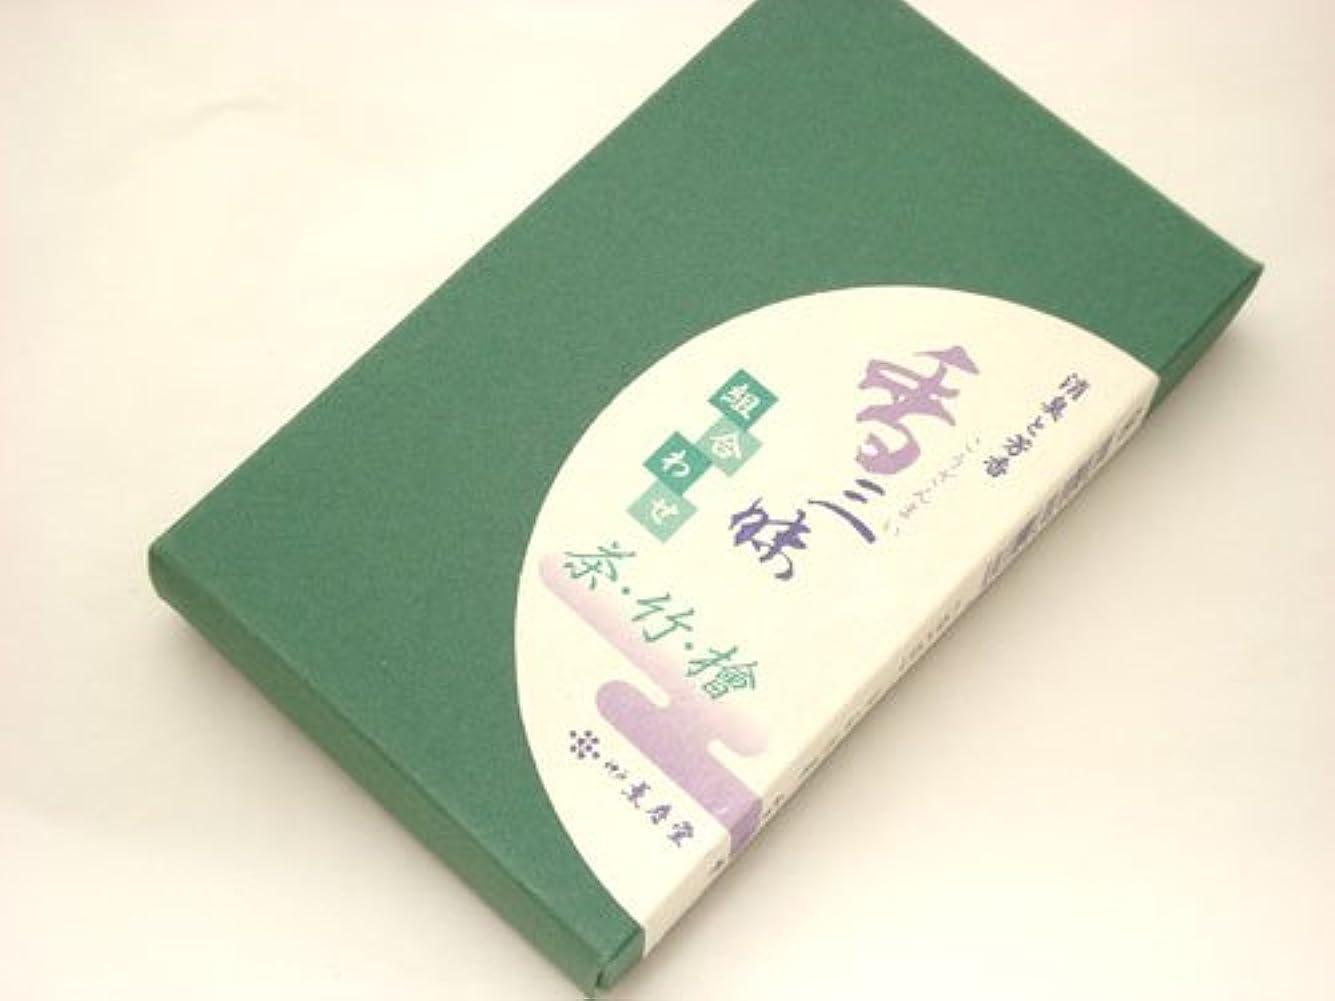 構築する寄生虫の中で楽しむ香り!香三昧(こうざんまい) 茶?竹?檜アソート 【スティック】